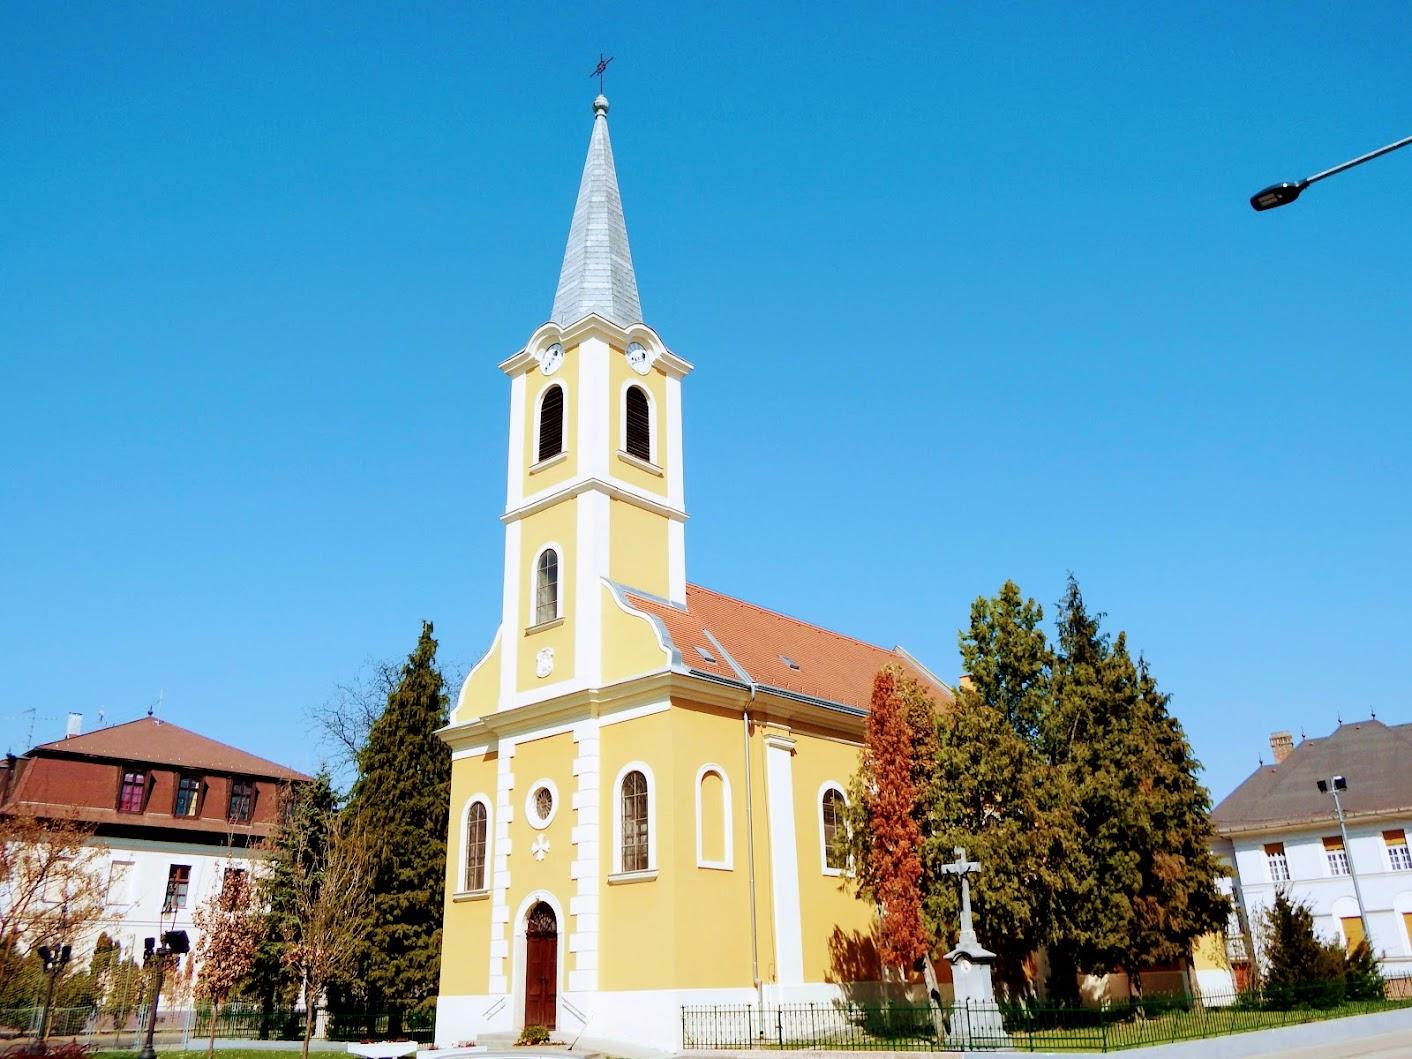 Győr - Szigeti Szent Rókus és Sebestyén rk. templom